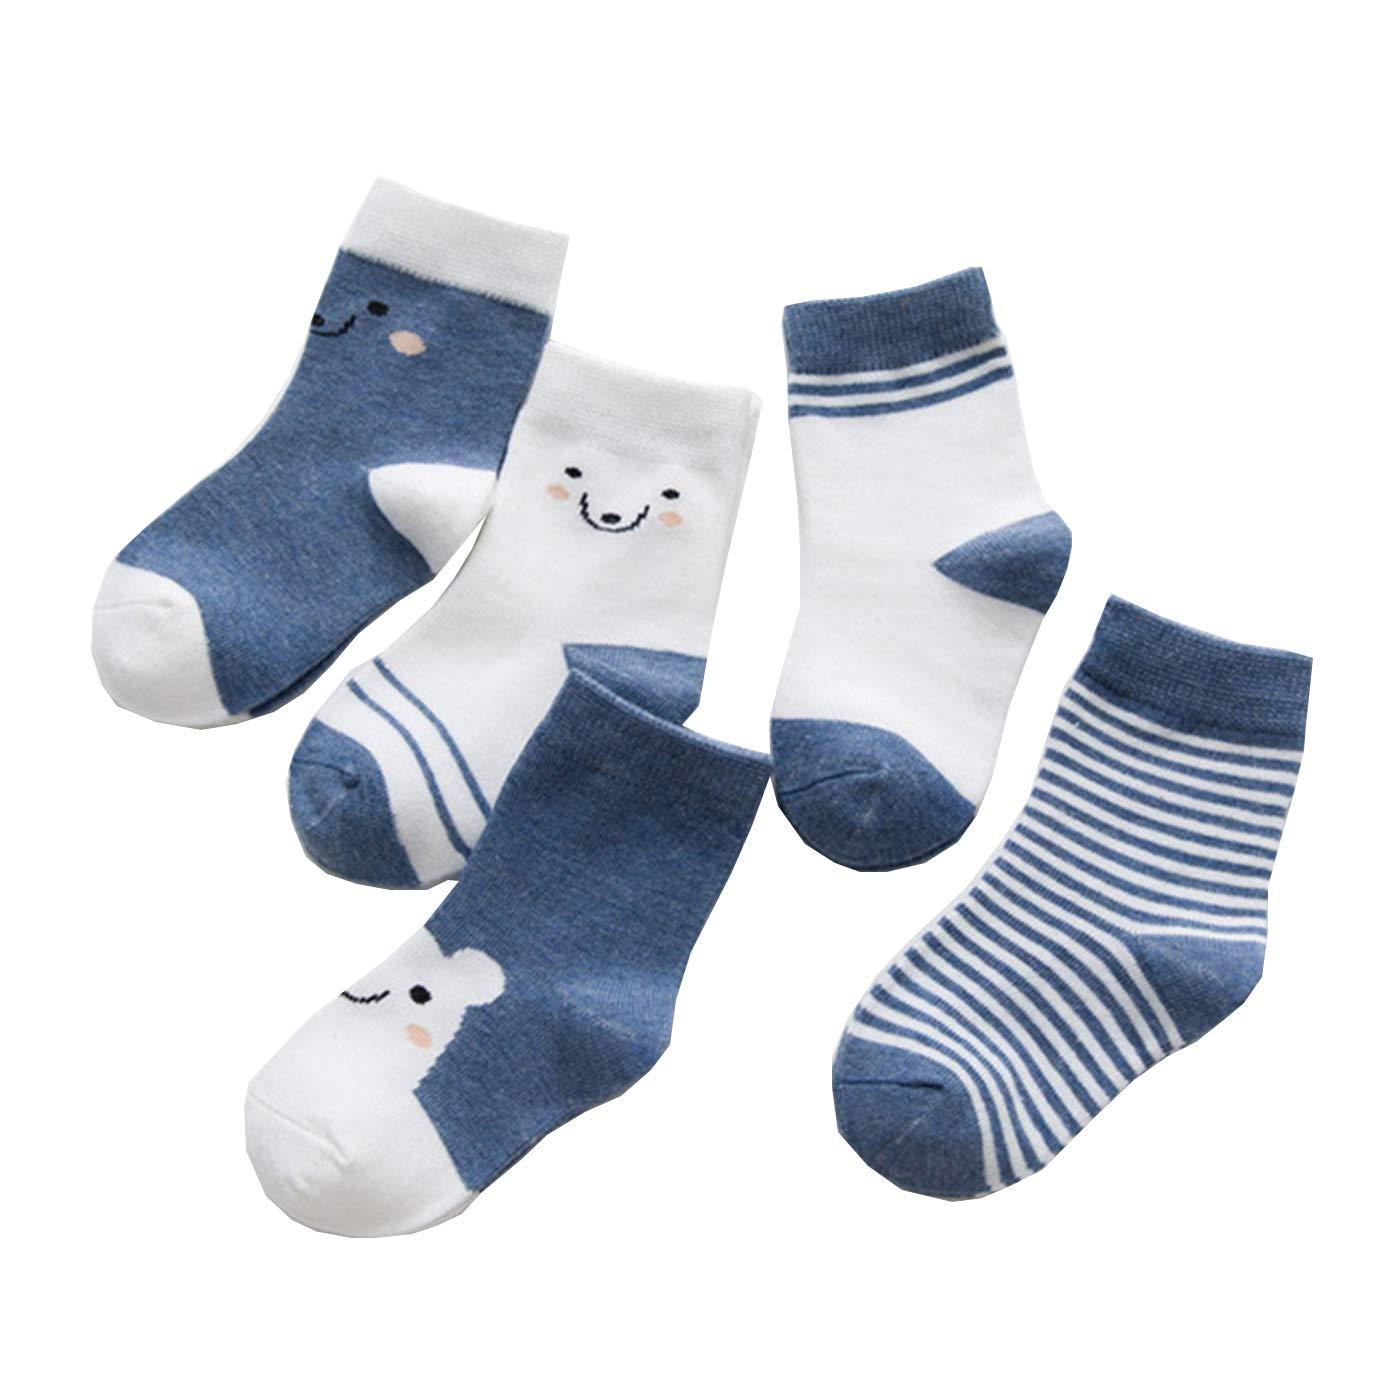 5 Packs Cotton Socks Unisex Toddler Socks Cute Design